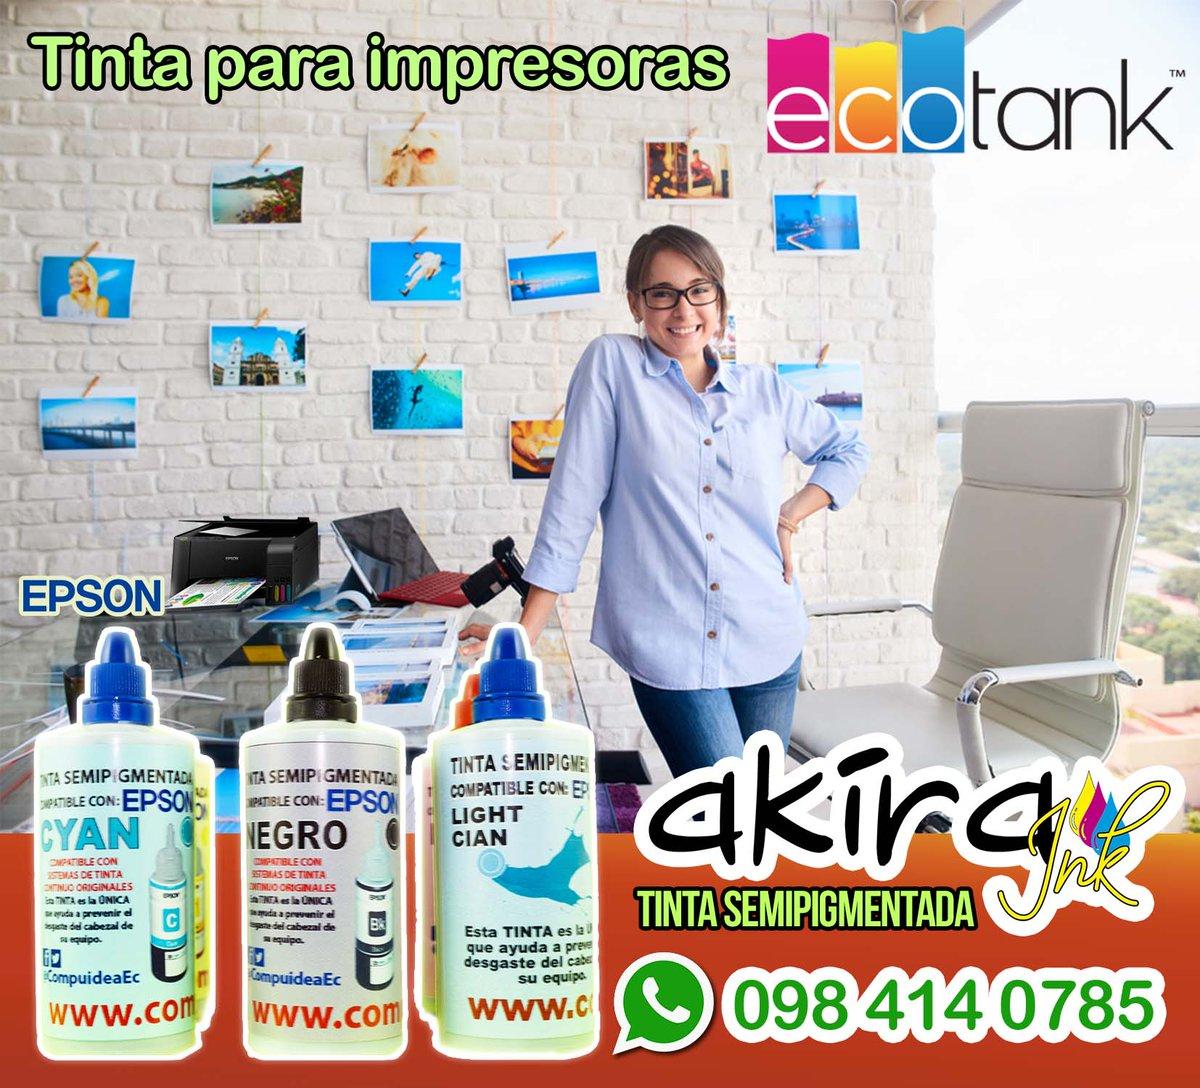 Tinta Akira Semipigmentada compatible con impresoras Epson de 4 y 6 colores ahorra con nuestra tinta probada y garantizada, única que ayudan a evitar el deterioro del cabezal de tu impresora #tinta #ecotank #imprime #oficina info -->